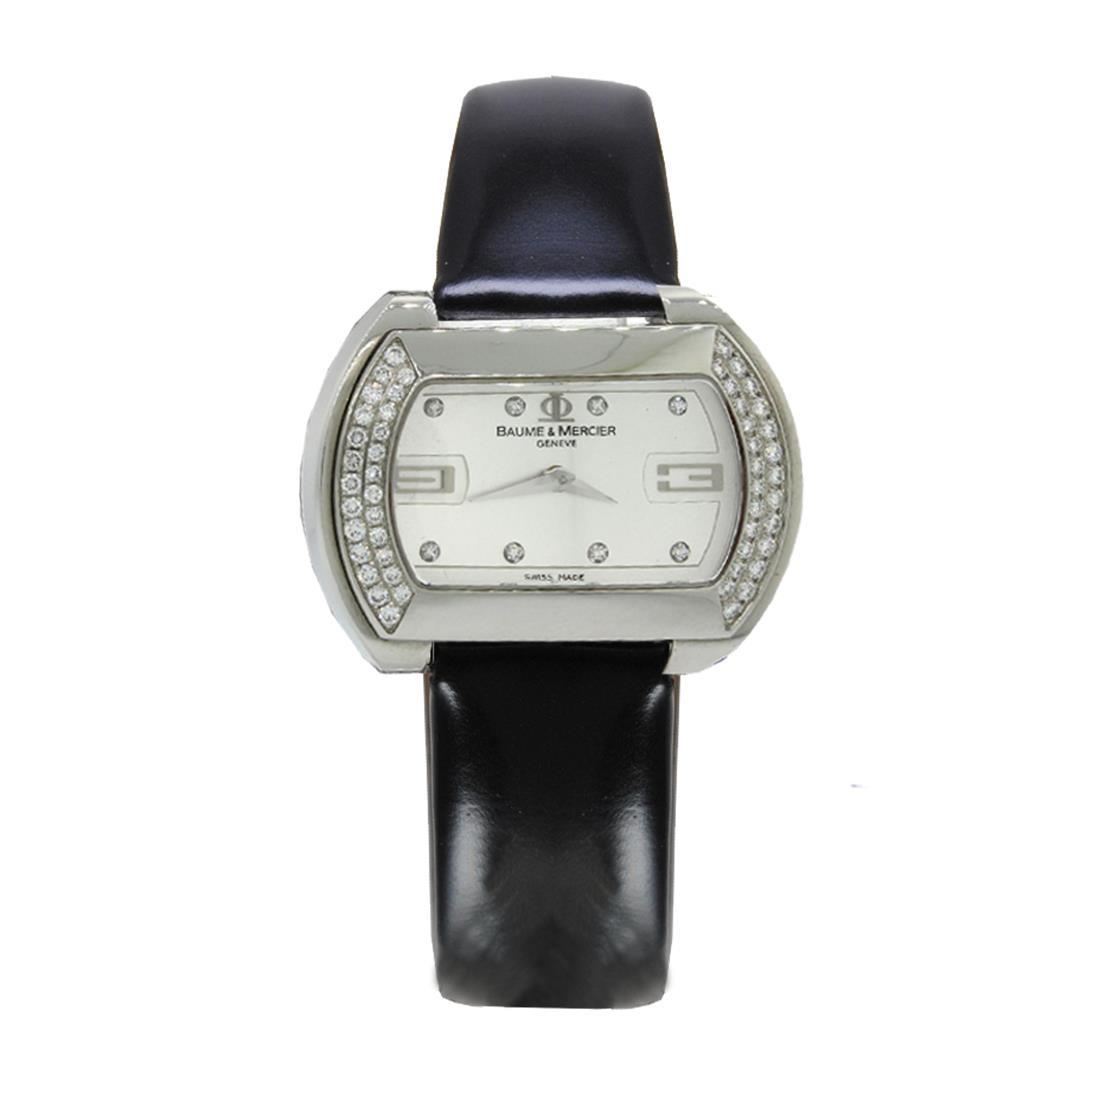 Orologio donna cassa 26mm - BAUME & MERCIER